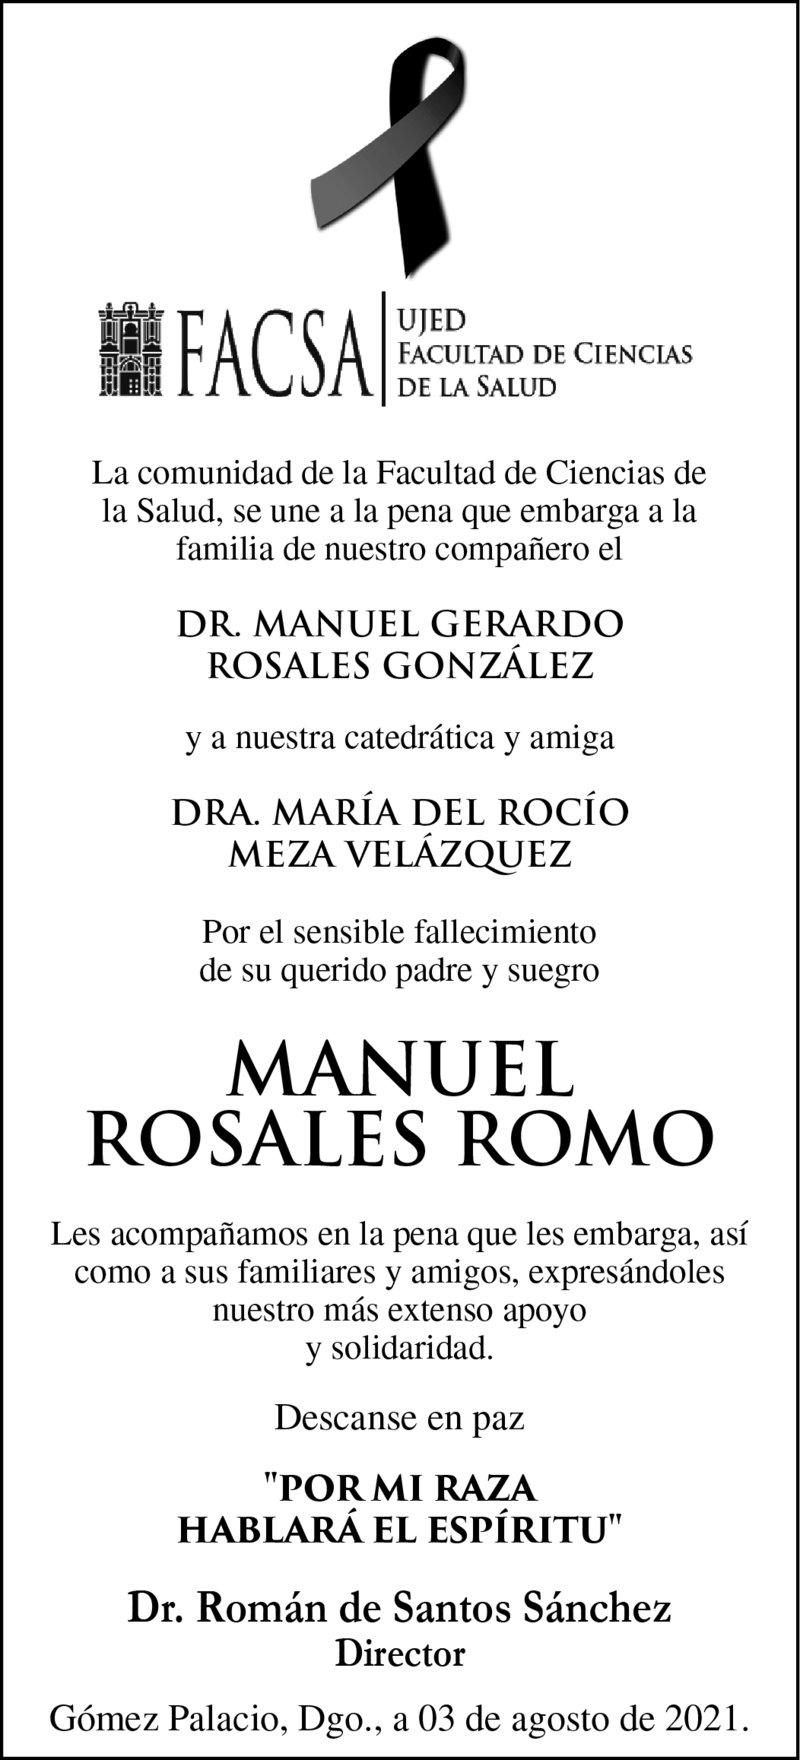 CONDOLENCIA: MANUEL ROSALES ROMO. La comunidad de la Facultad de Ciencias de la Salud, lamenta el sensible fallecimiento de Manuel Rosales Romo. Descanse en paz.